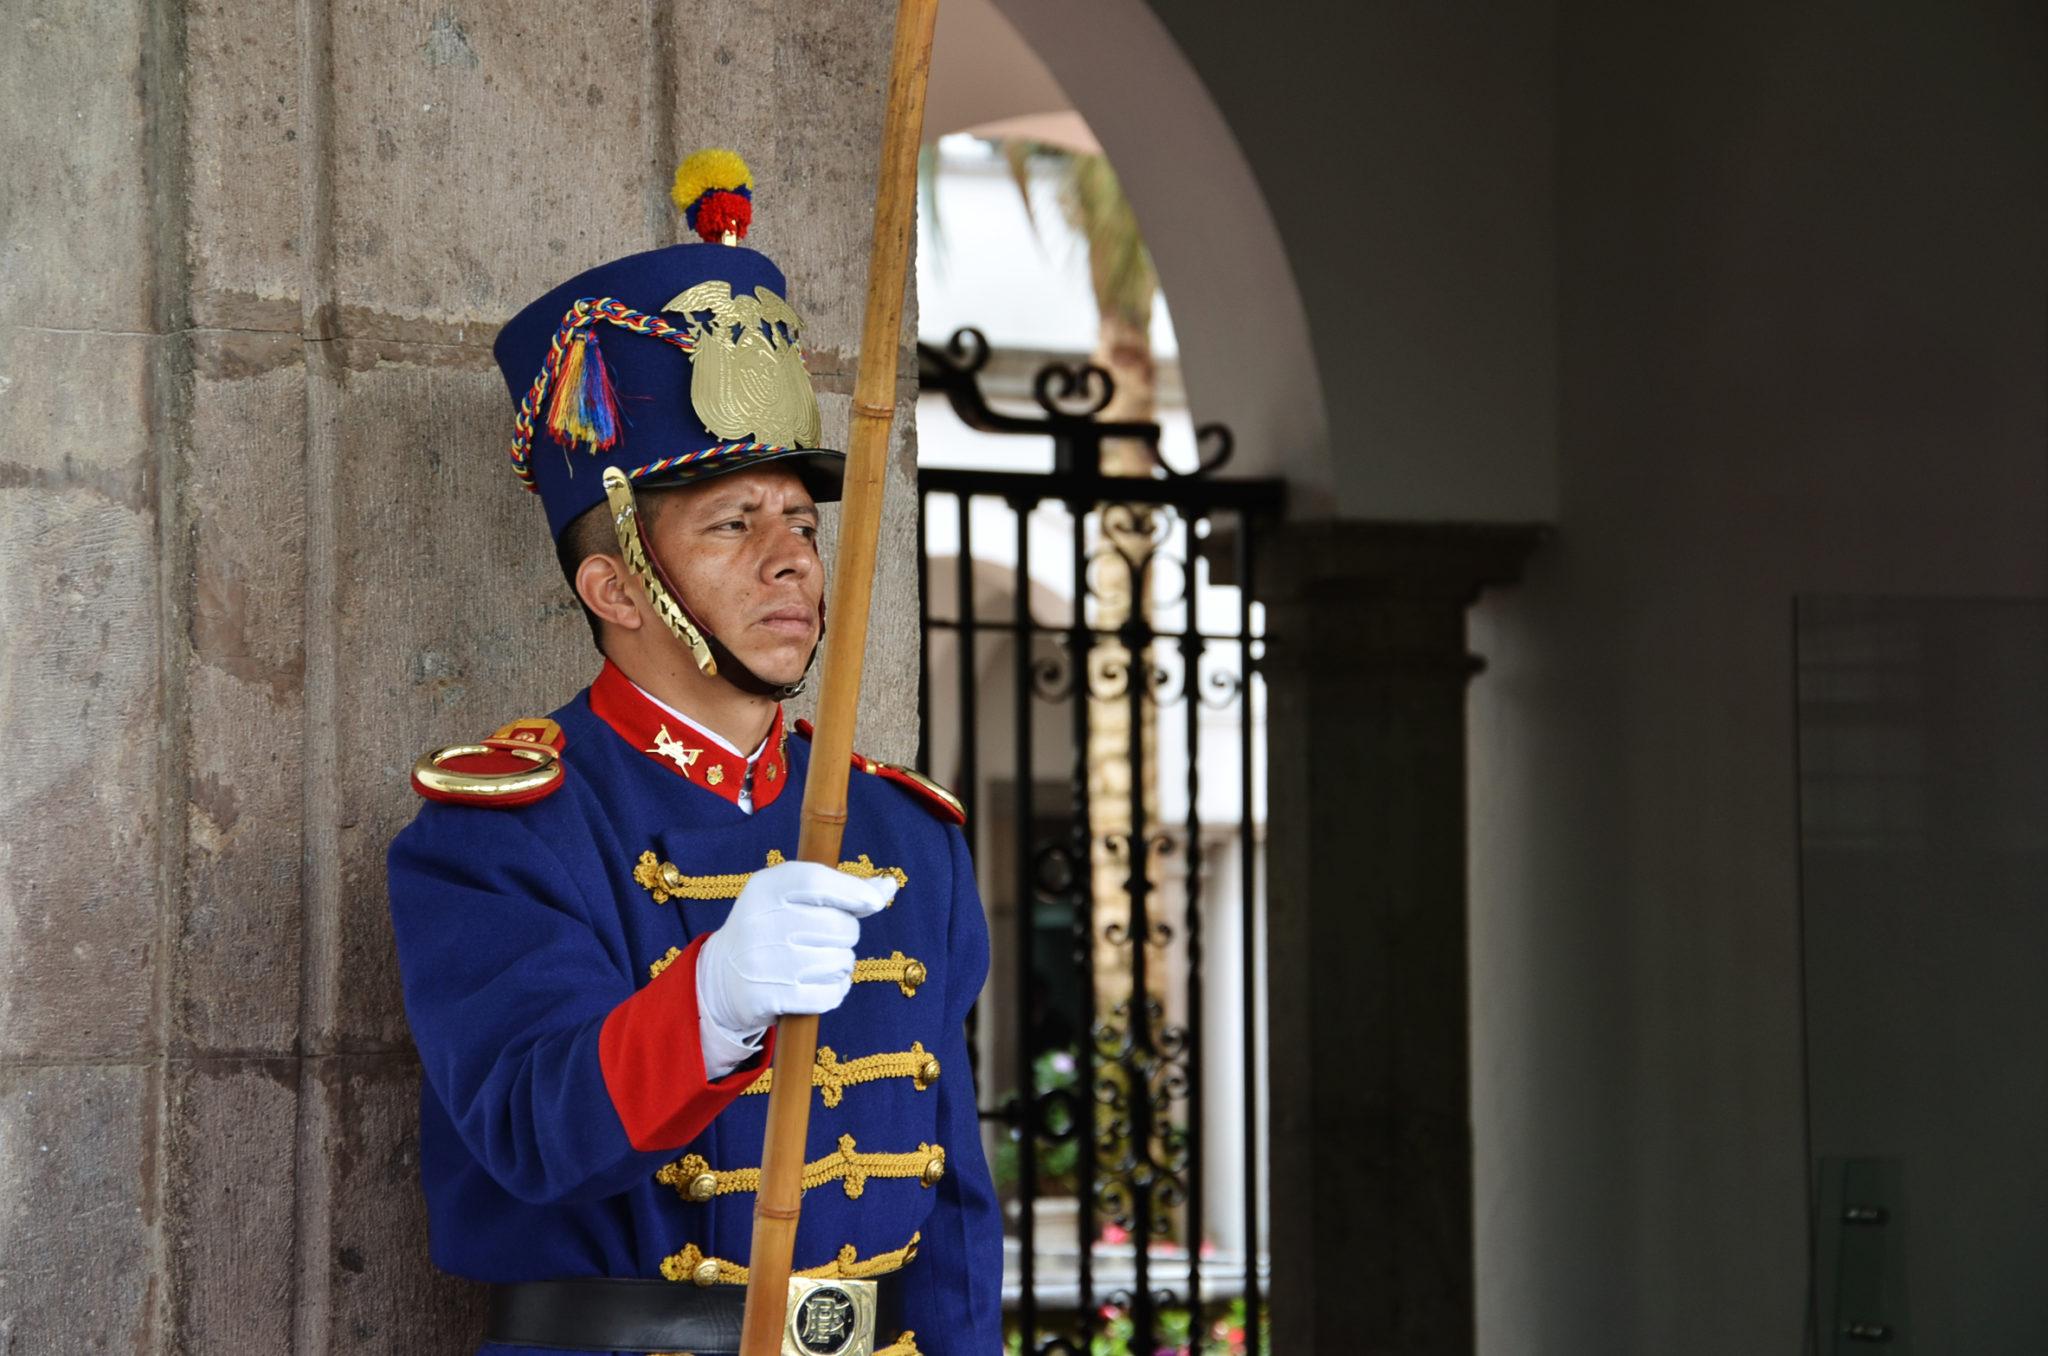 Sehenswuerdigkeiten-Ecuador-Quito-Praesidentenpalast-Wache